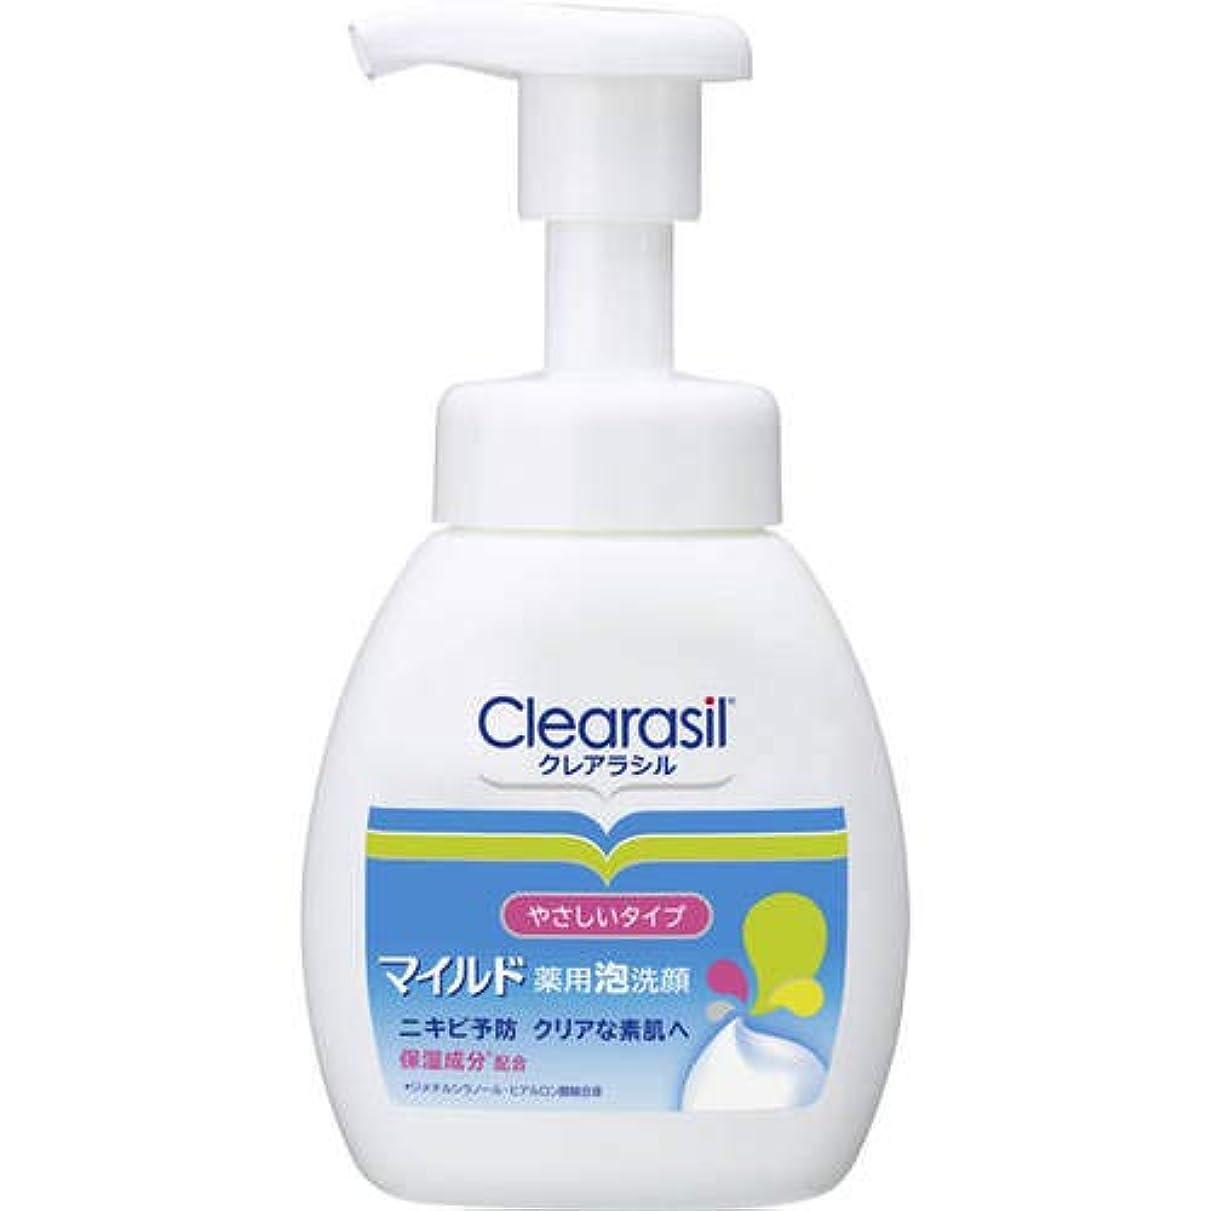 記憶に残る愛されし者むしゃむしゃクレアラシル 薬用泡洗顔フォーム マイルドタイプ 200ml